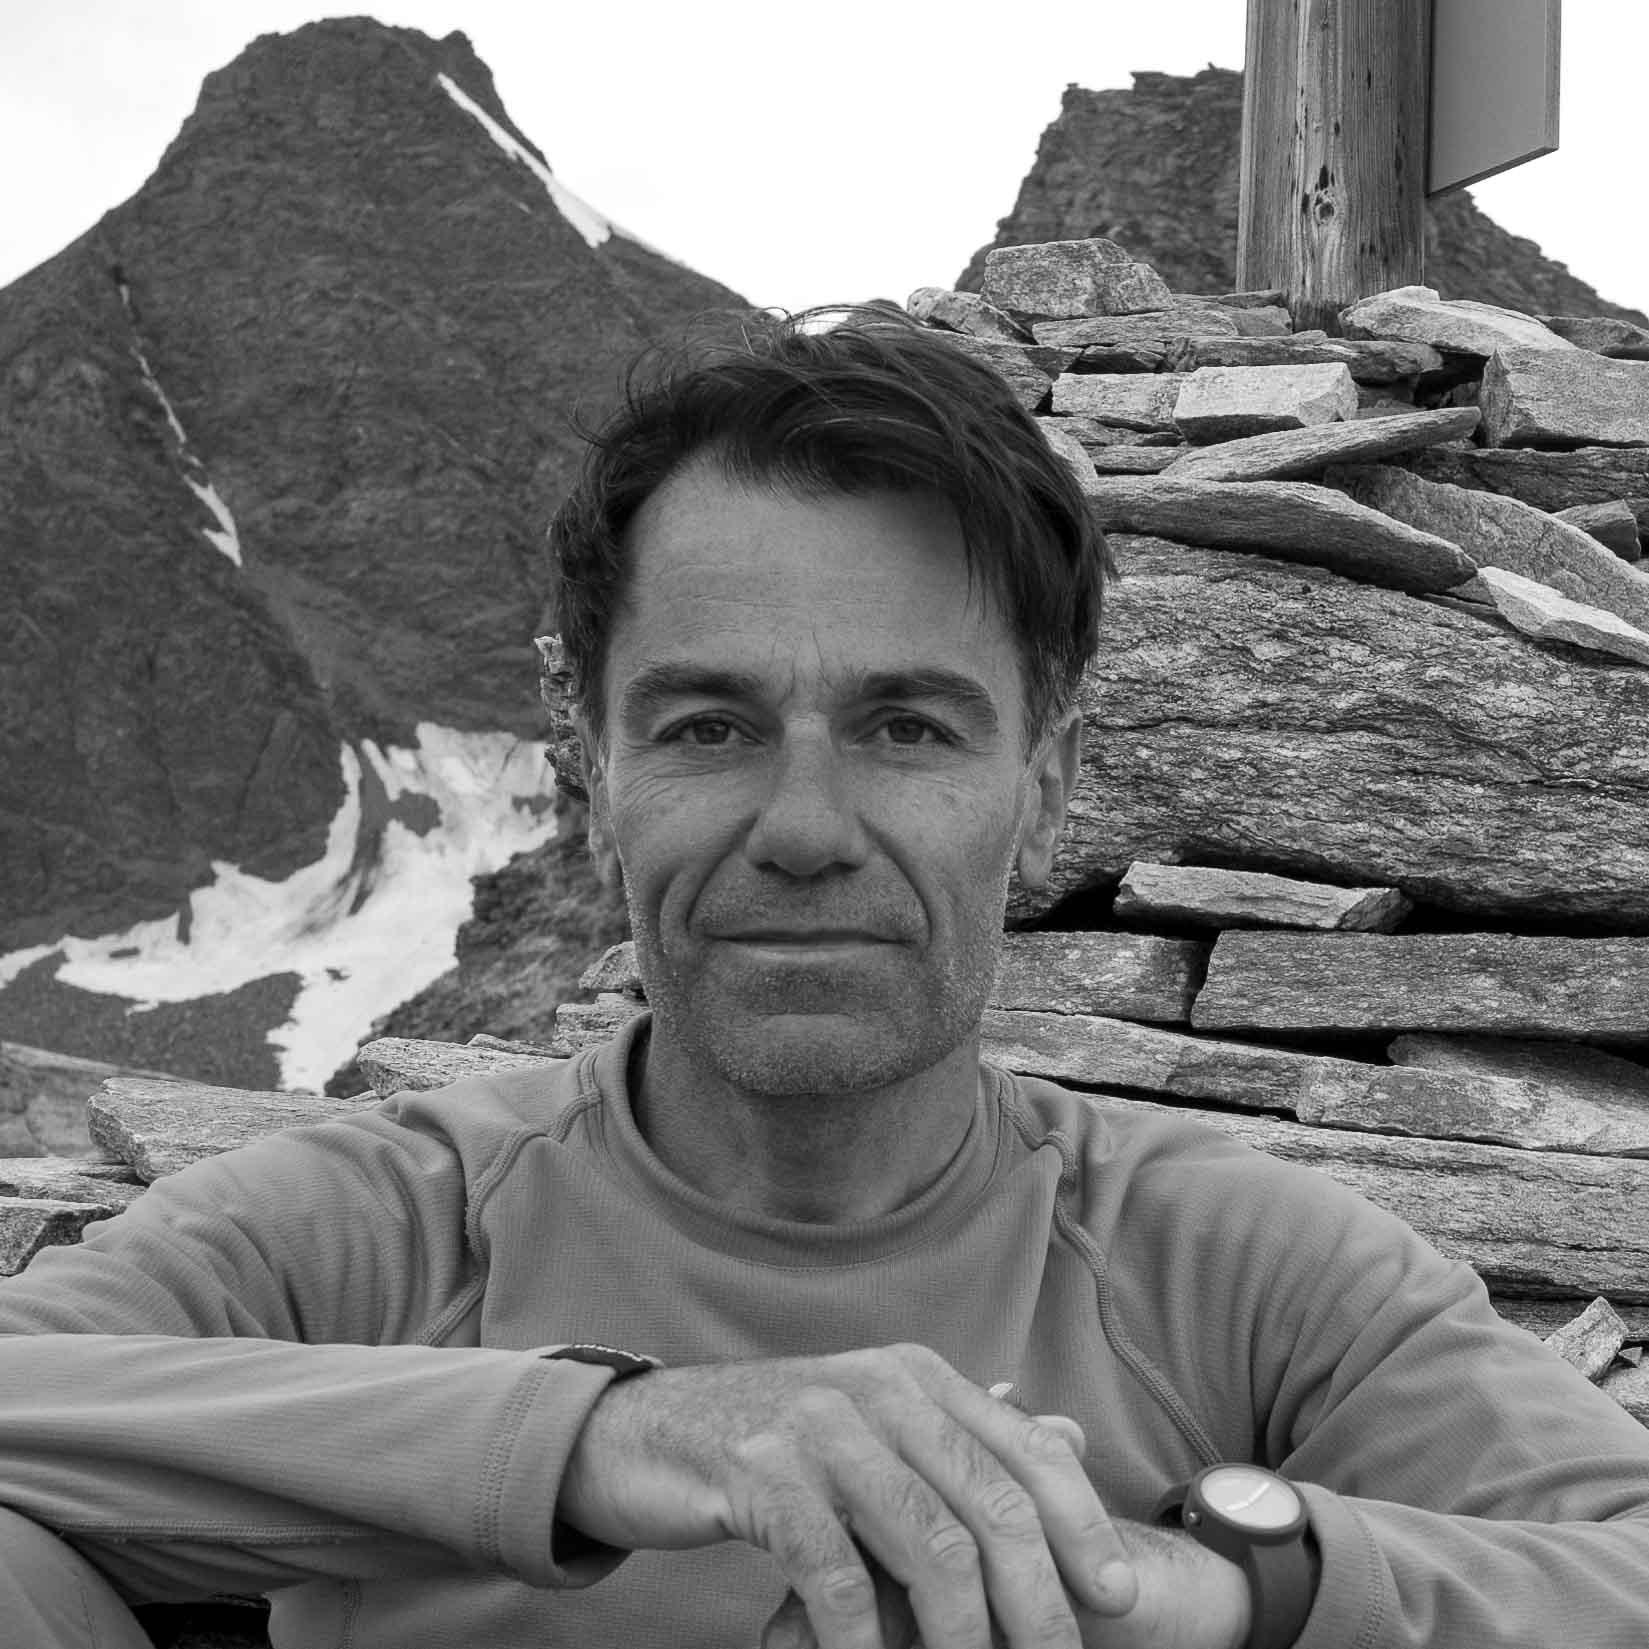 Marc Pouzet : Professor, ENS